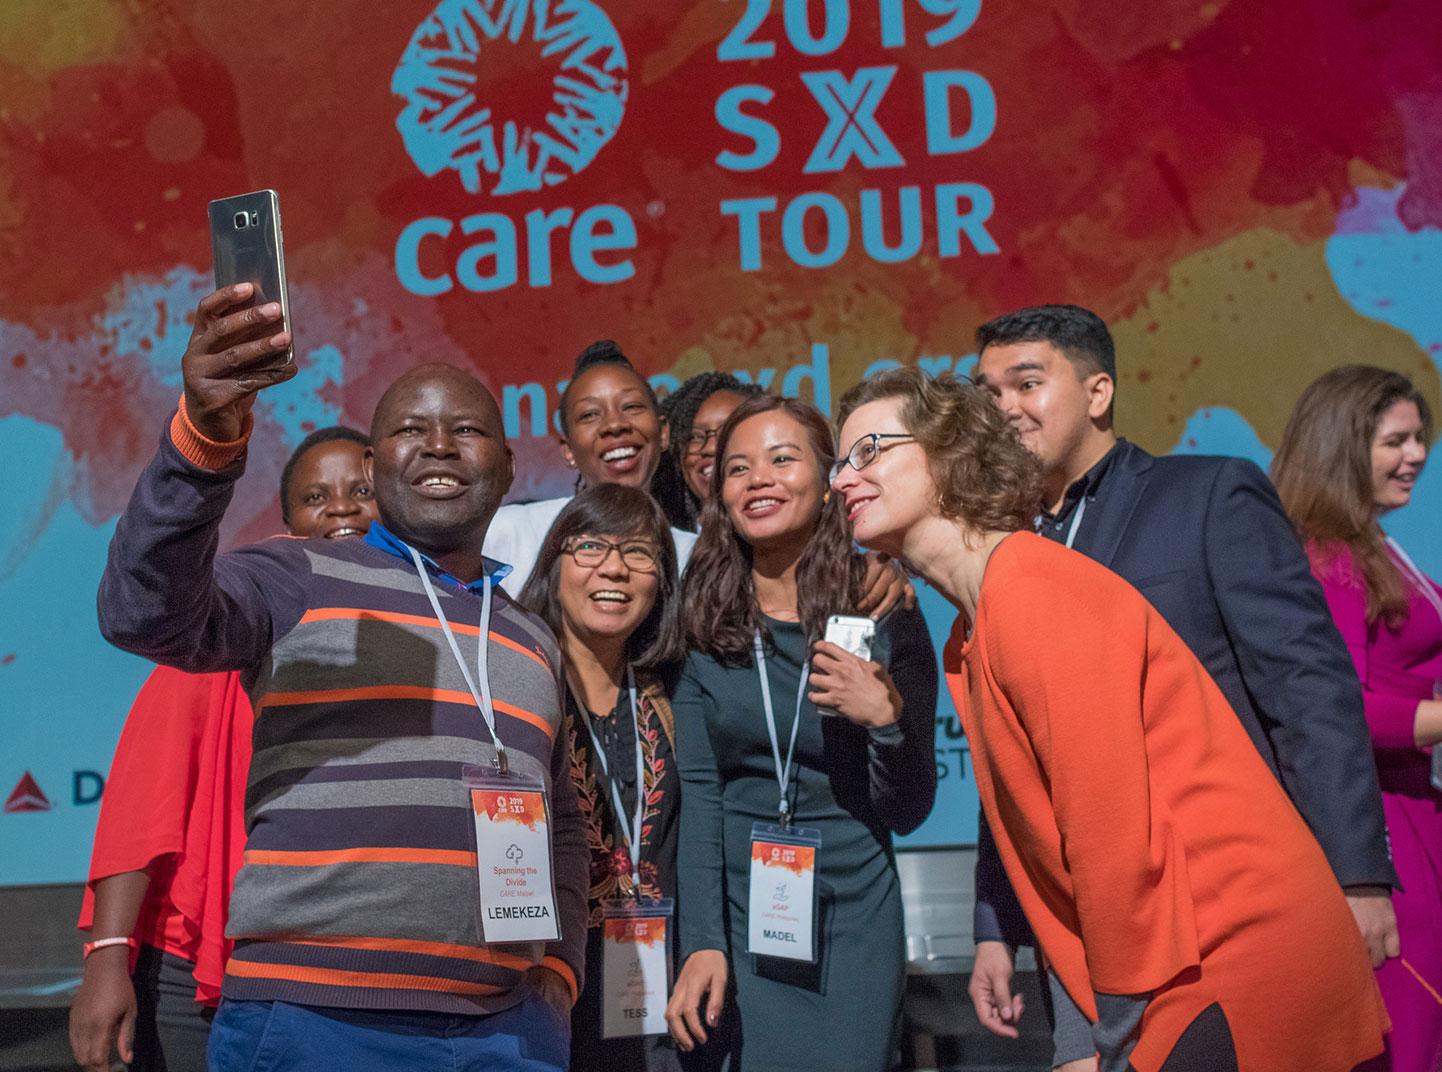 Un grupo de personas posan en el escenario con la presidenta de CARE, Michelle Nunn. Detrás de ellos hay una gran pancarta que dice